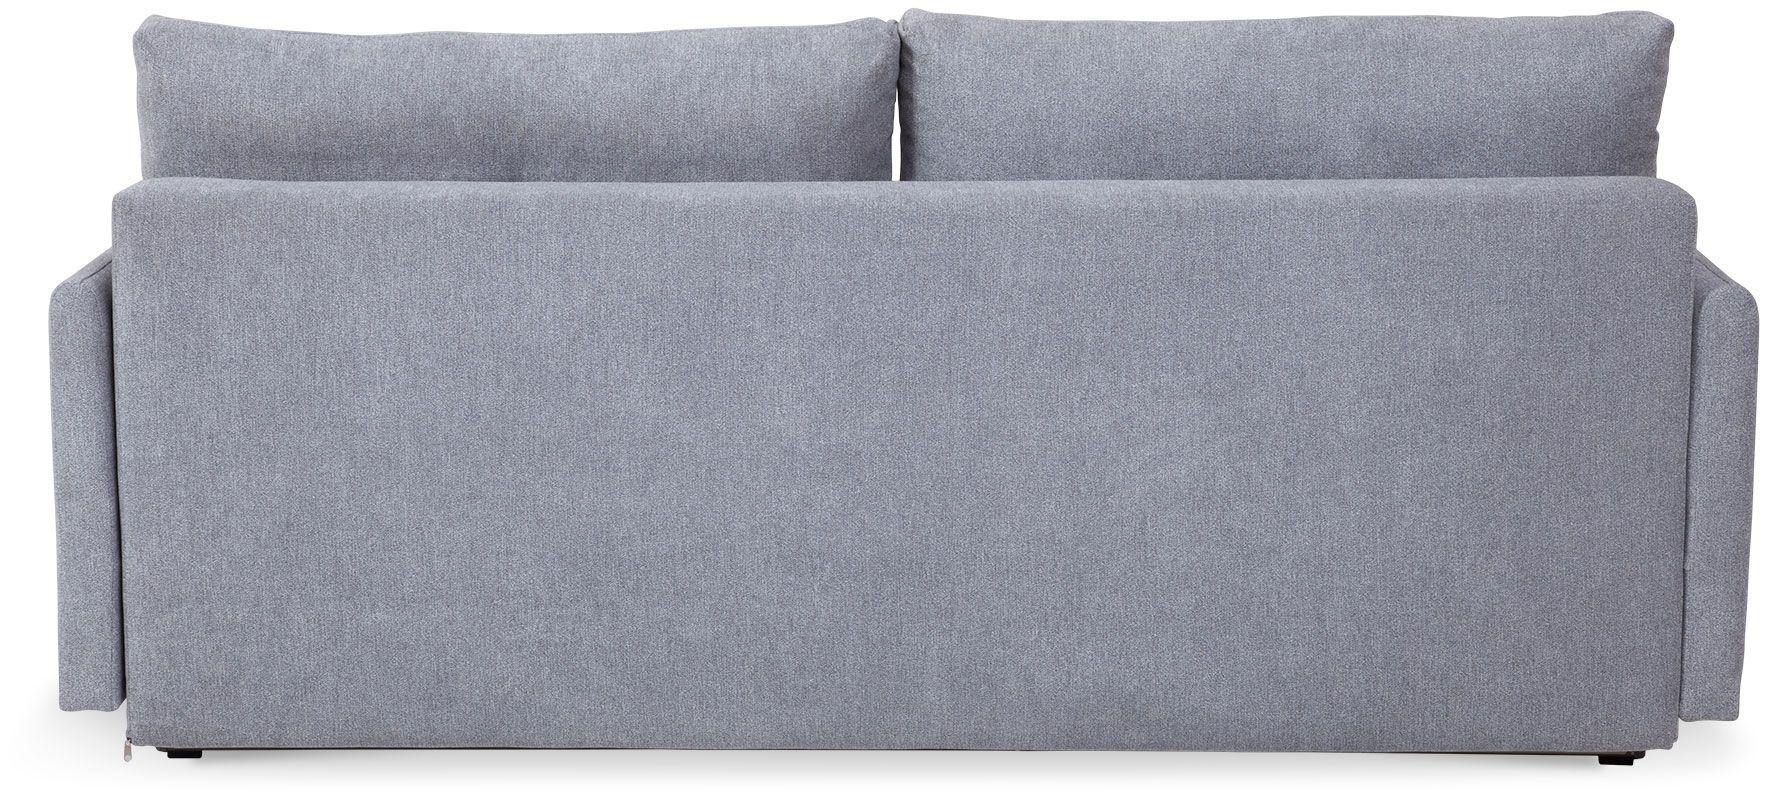 sofa naria 8